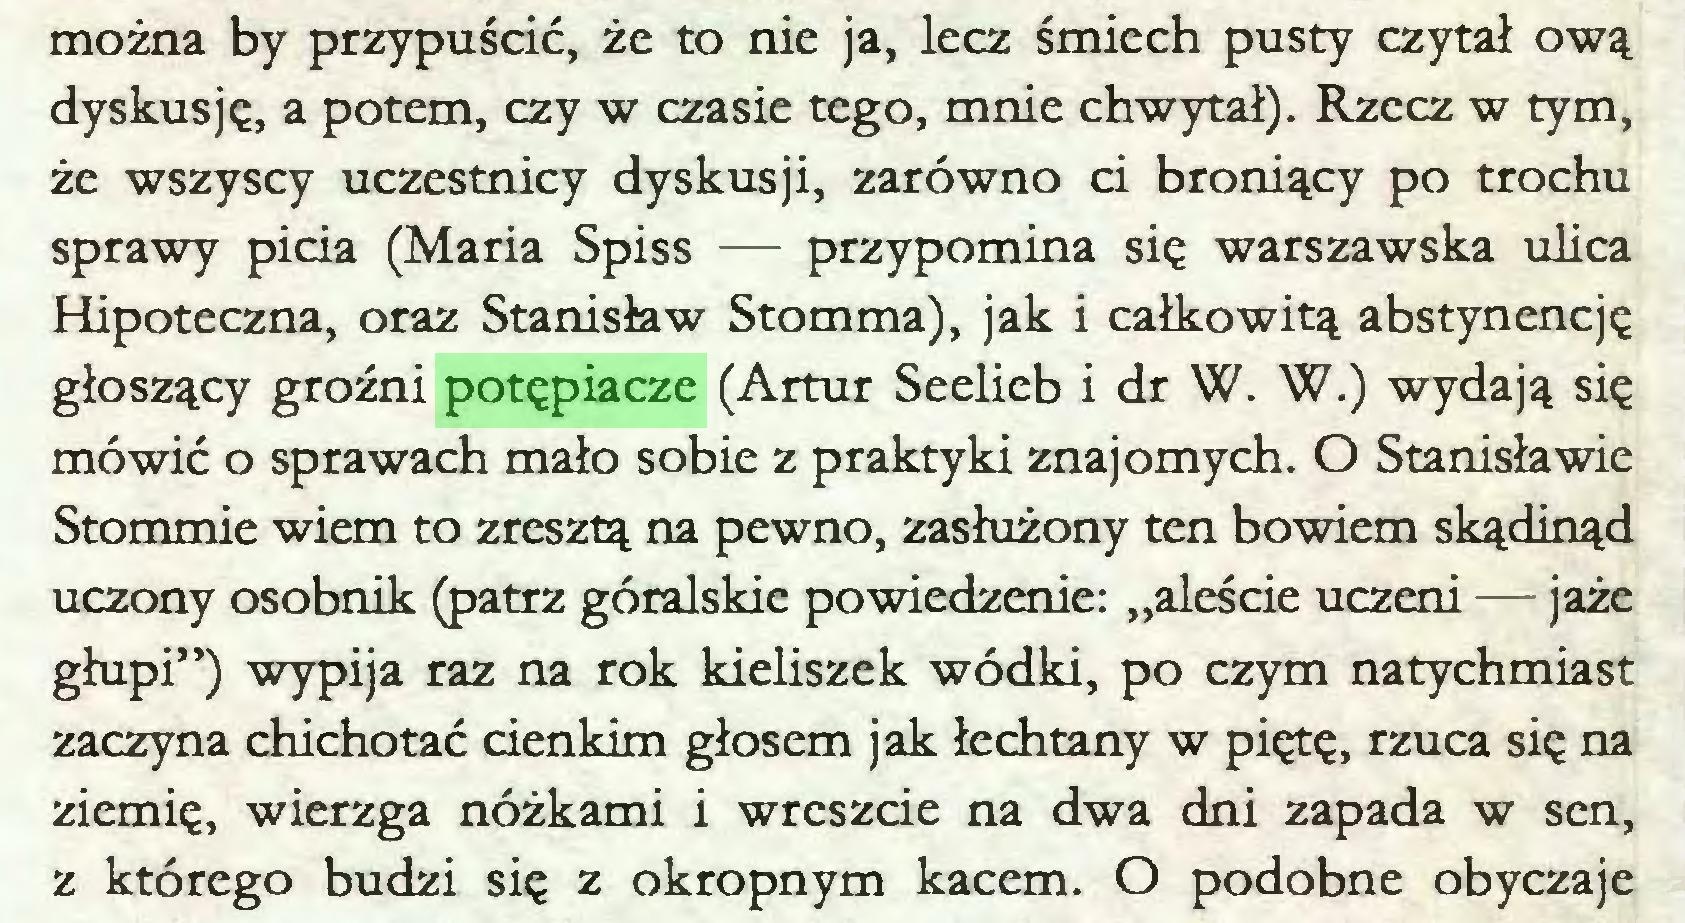 """(...) można by przypuścić, że to nie ja, lecz śmiech pusty czytał ową dyskusję, a potem, czy w czasie tego, mnie chwytał). Rzecz w tym, że wszyscy uczestnicy dyskusji, zarówno ci broniący po trochu sprawy picia (Maria Spiss — przypomina się warszawska ulica Hipoteczna, oraz Stanisław Stomma), jak i całkowitą abstynencję głoszący groźni potępiacze (Artur Seelieb i dr W. W.) wydają się mówić o sprawach mało sobie z praktyki znajomych. O Stanisławie Stommie wiem to zresztą na pewno, zasłużony ten bowiem skądinąd uczony osobnik (patrz góralskie powiedzenie: """"aleście uczeni — jaże głupi"""") wypija raz na rok kieliszek wódki, po czym natychmiast zaczyna chichotać cienkim głosem jak łechtany w piętę, rzuca się na ziemię, wierzga nóżkami i wreszcie na dwa dni zapada w sen, z którego budzi się z okropnym kacem. O podobne obyczaje..."""